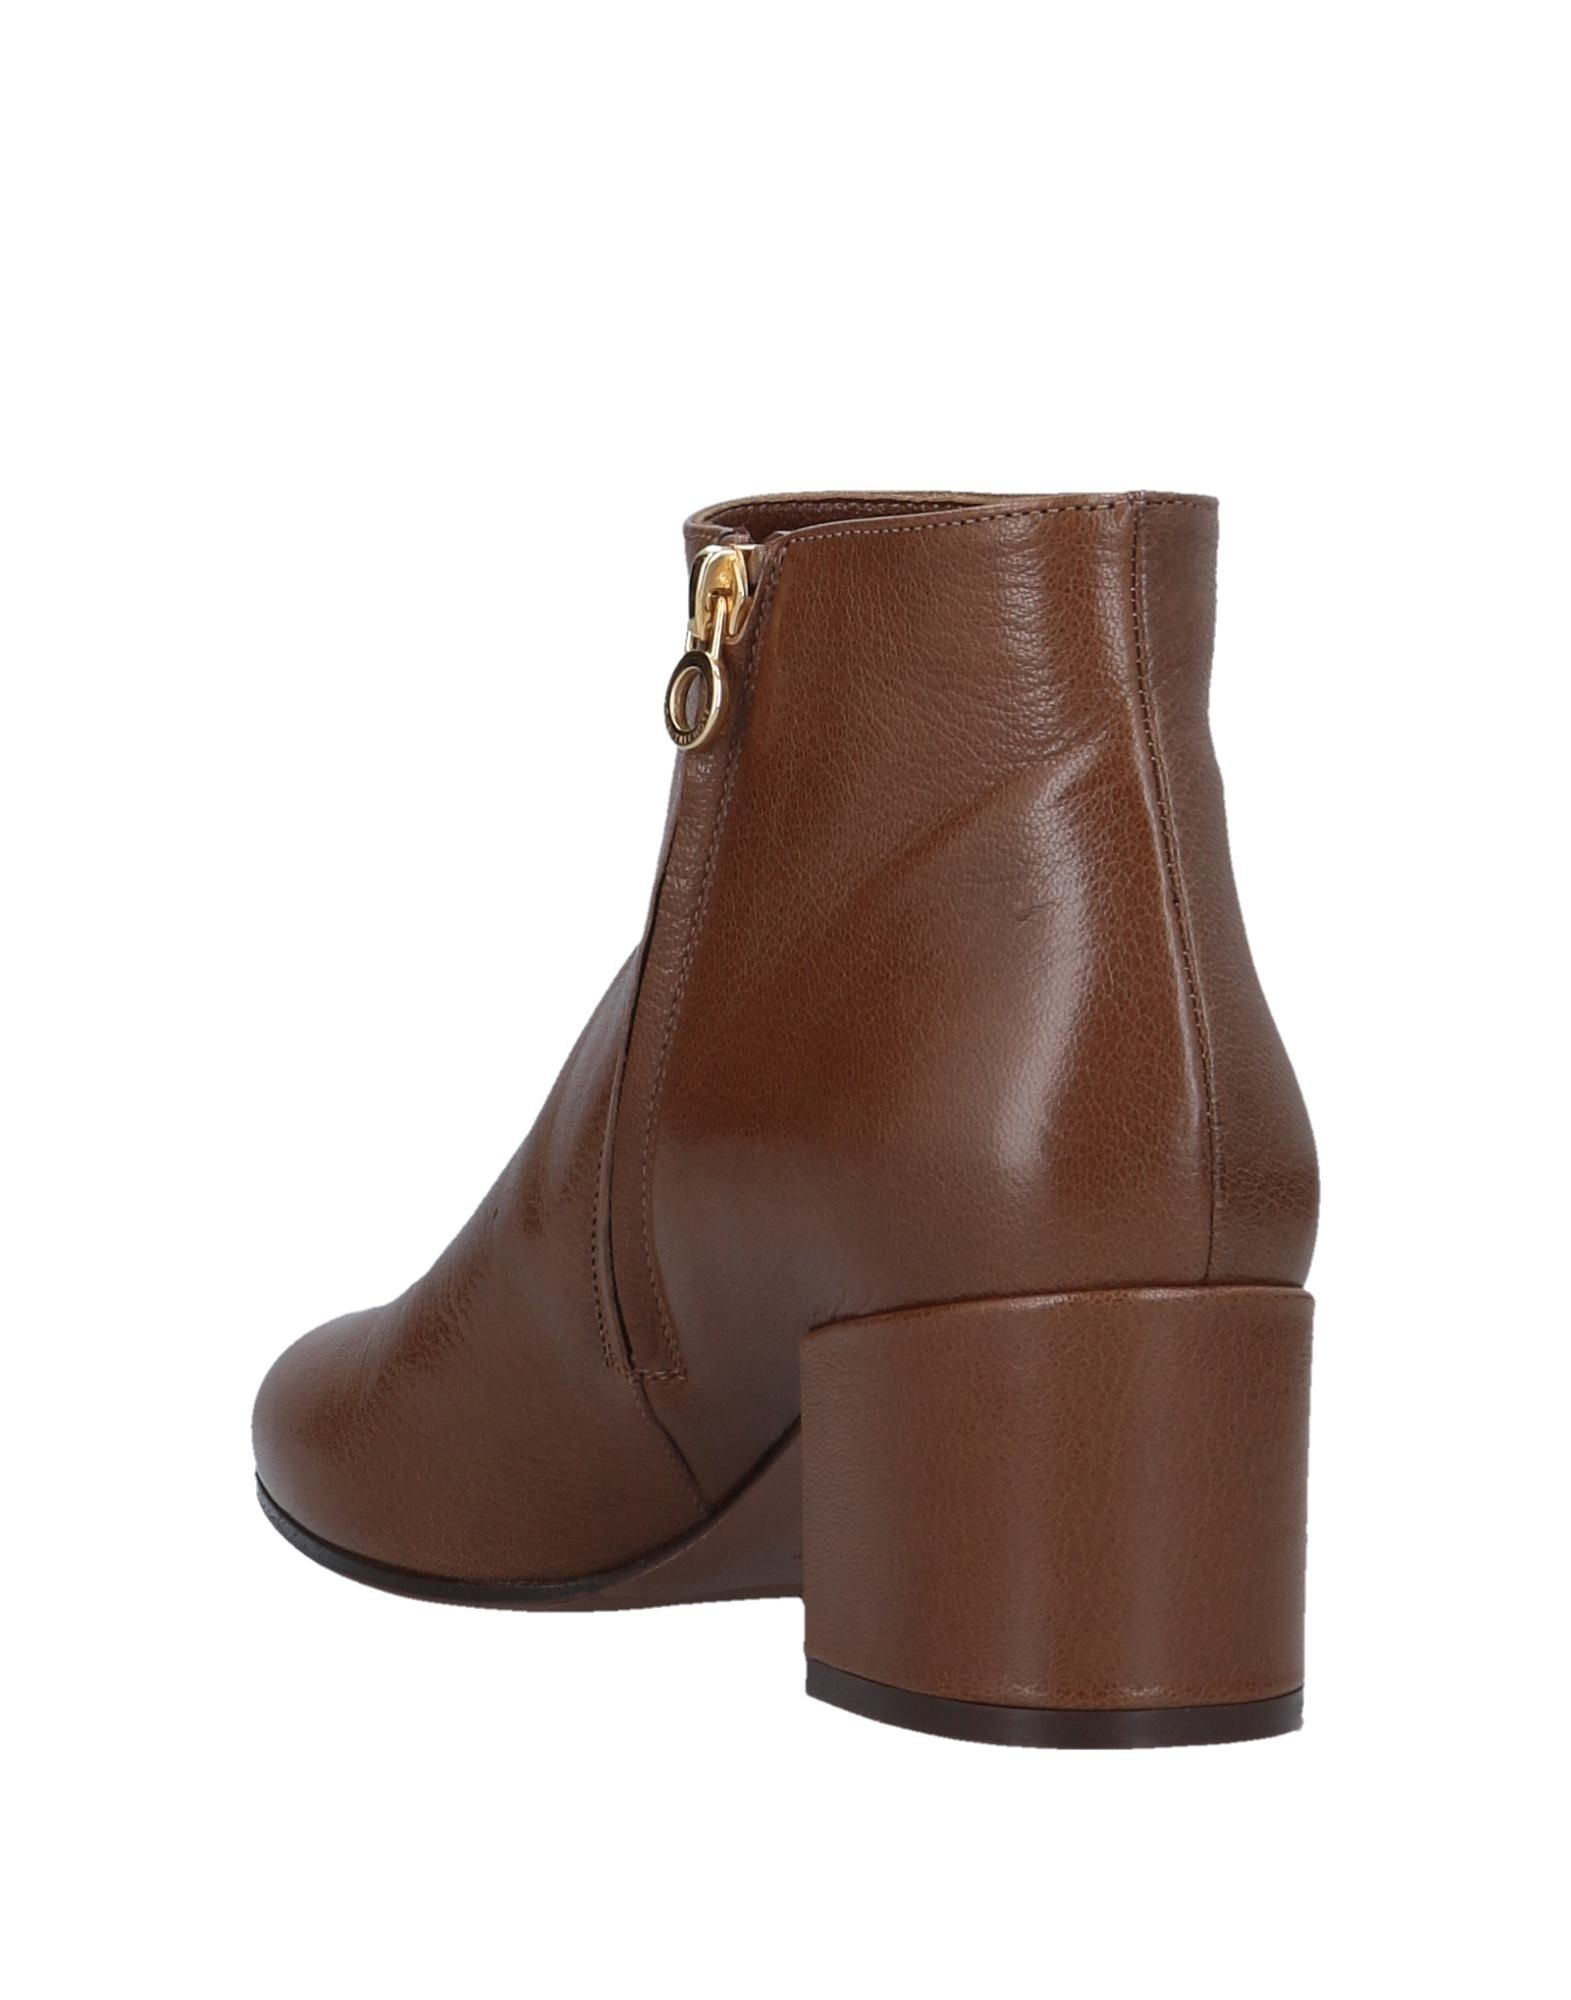 L' Autre Damen Chose Stiefelette Damen Autre  11495901NV Neue Schuhe 463d9f